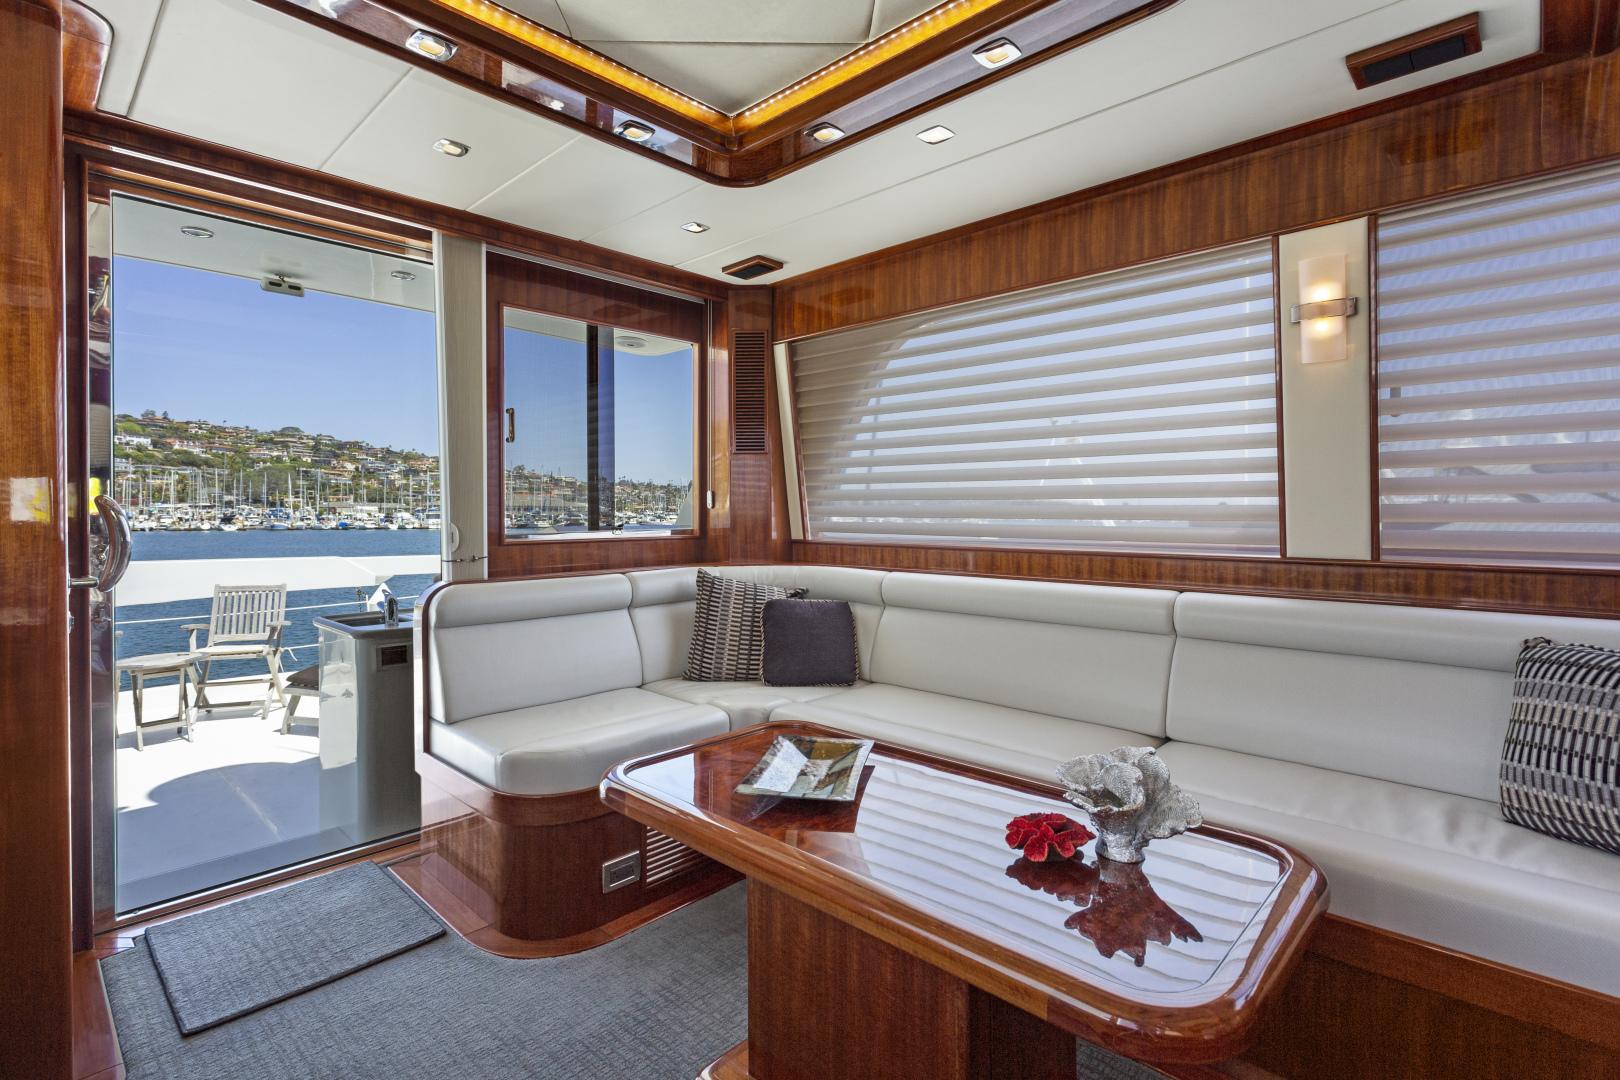 Hampton-76 Skylounge Motoryacht 2014-ODYSEA San Diego-California-United States-SKYLOUNGE-1165155 | Thumbnail